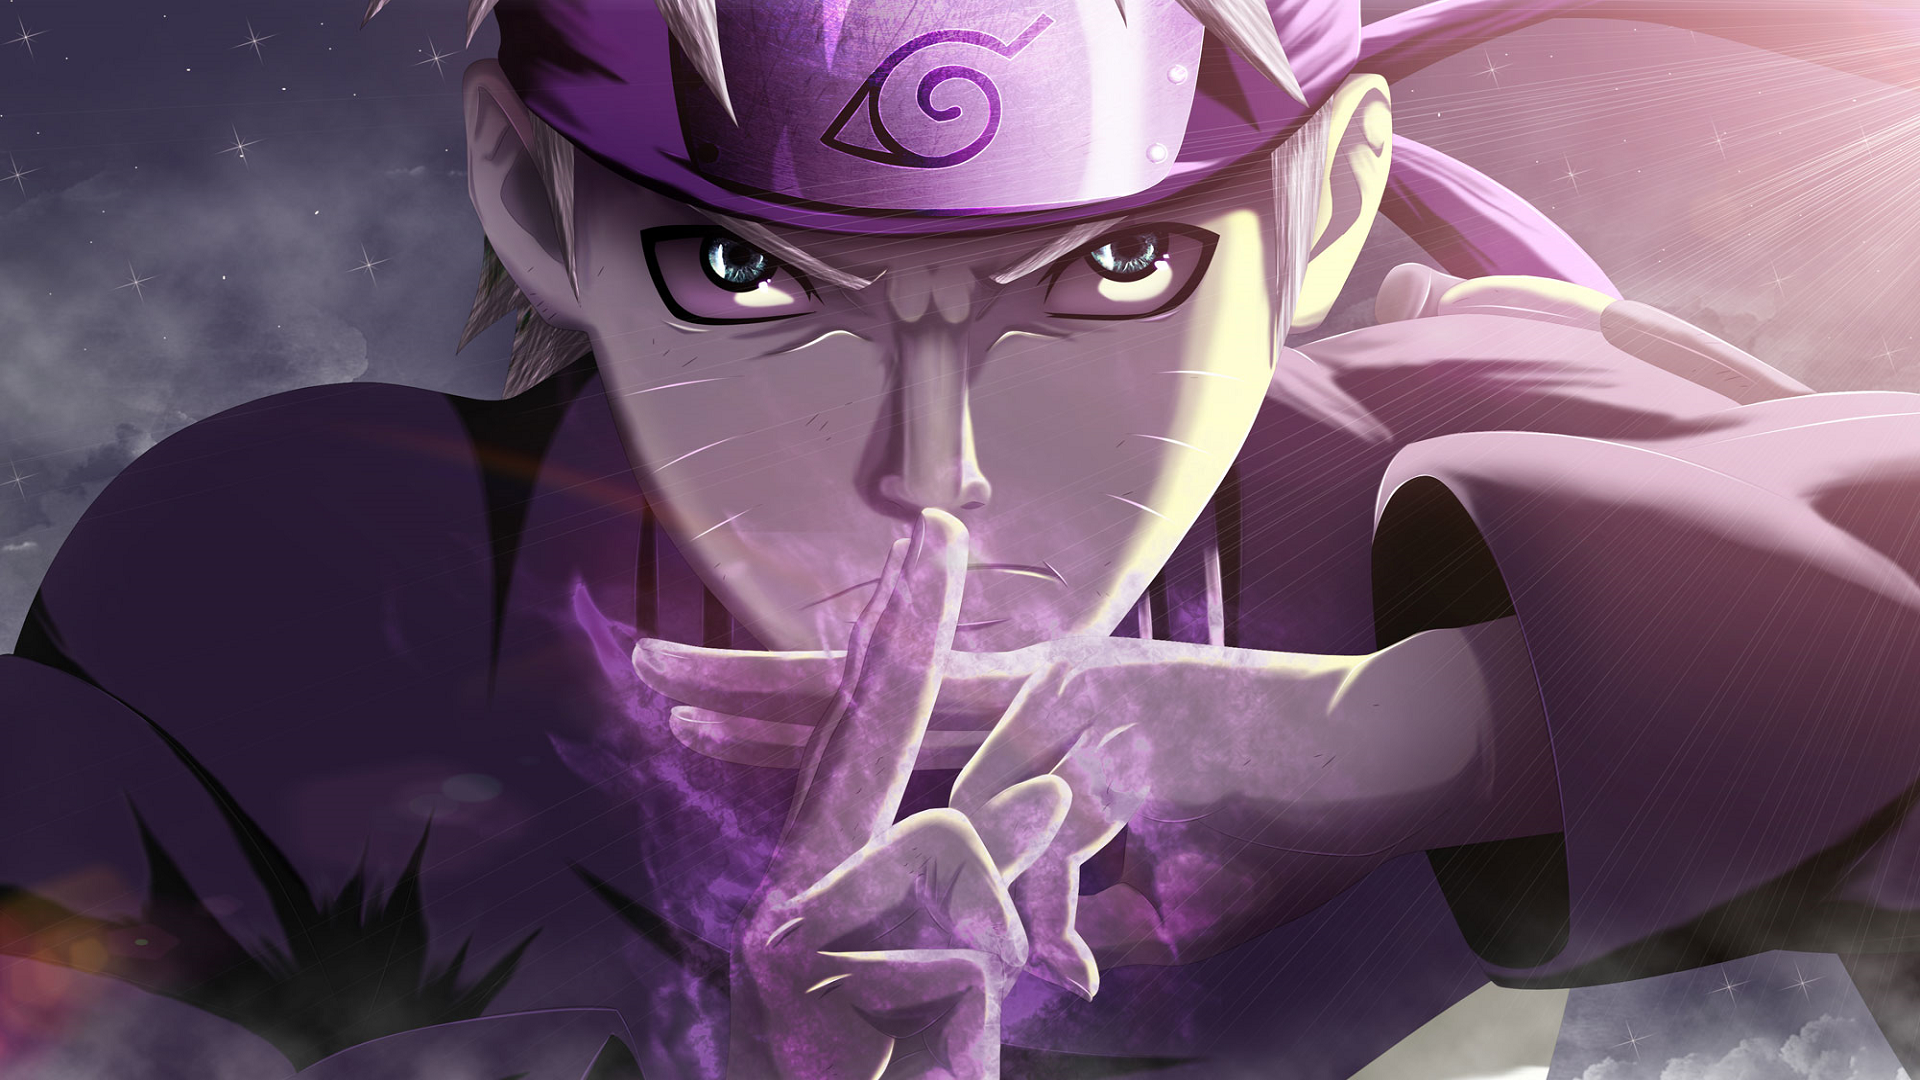 2680 Naruto HD Wallpapers